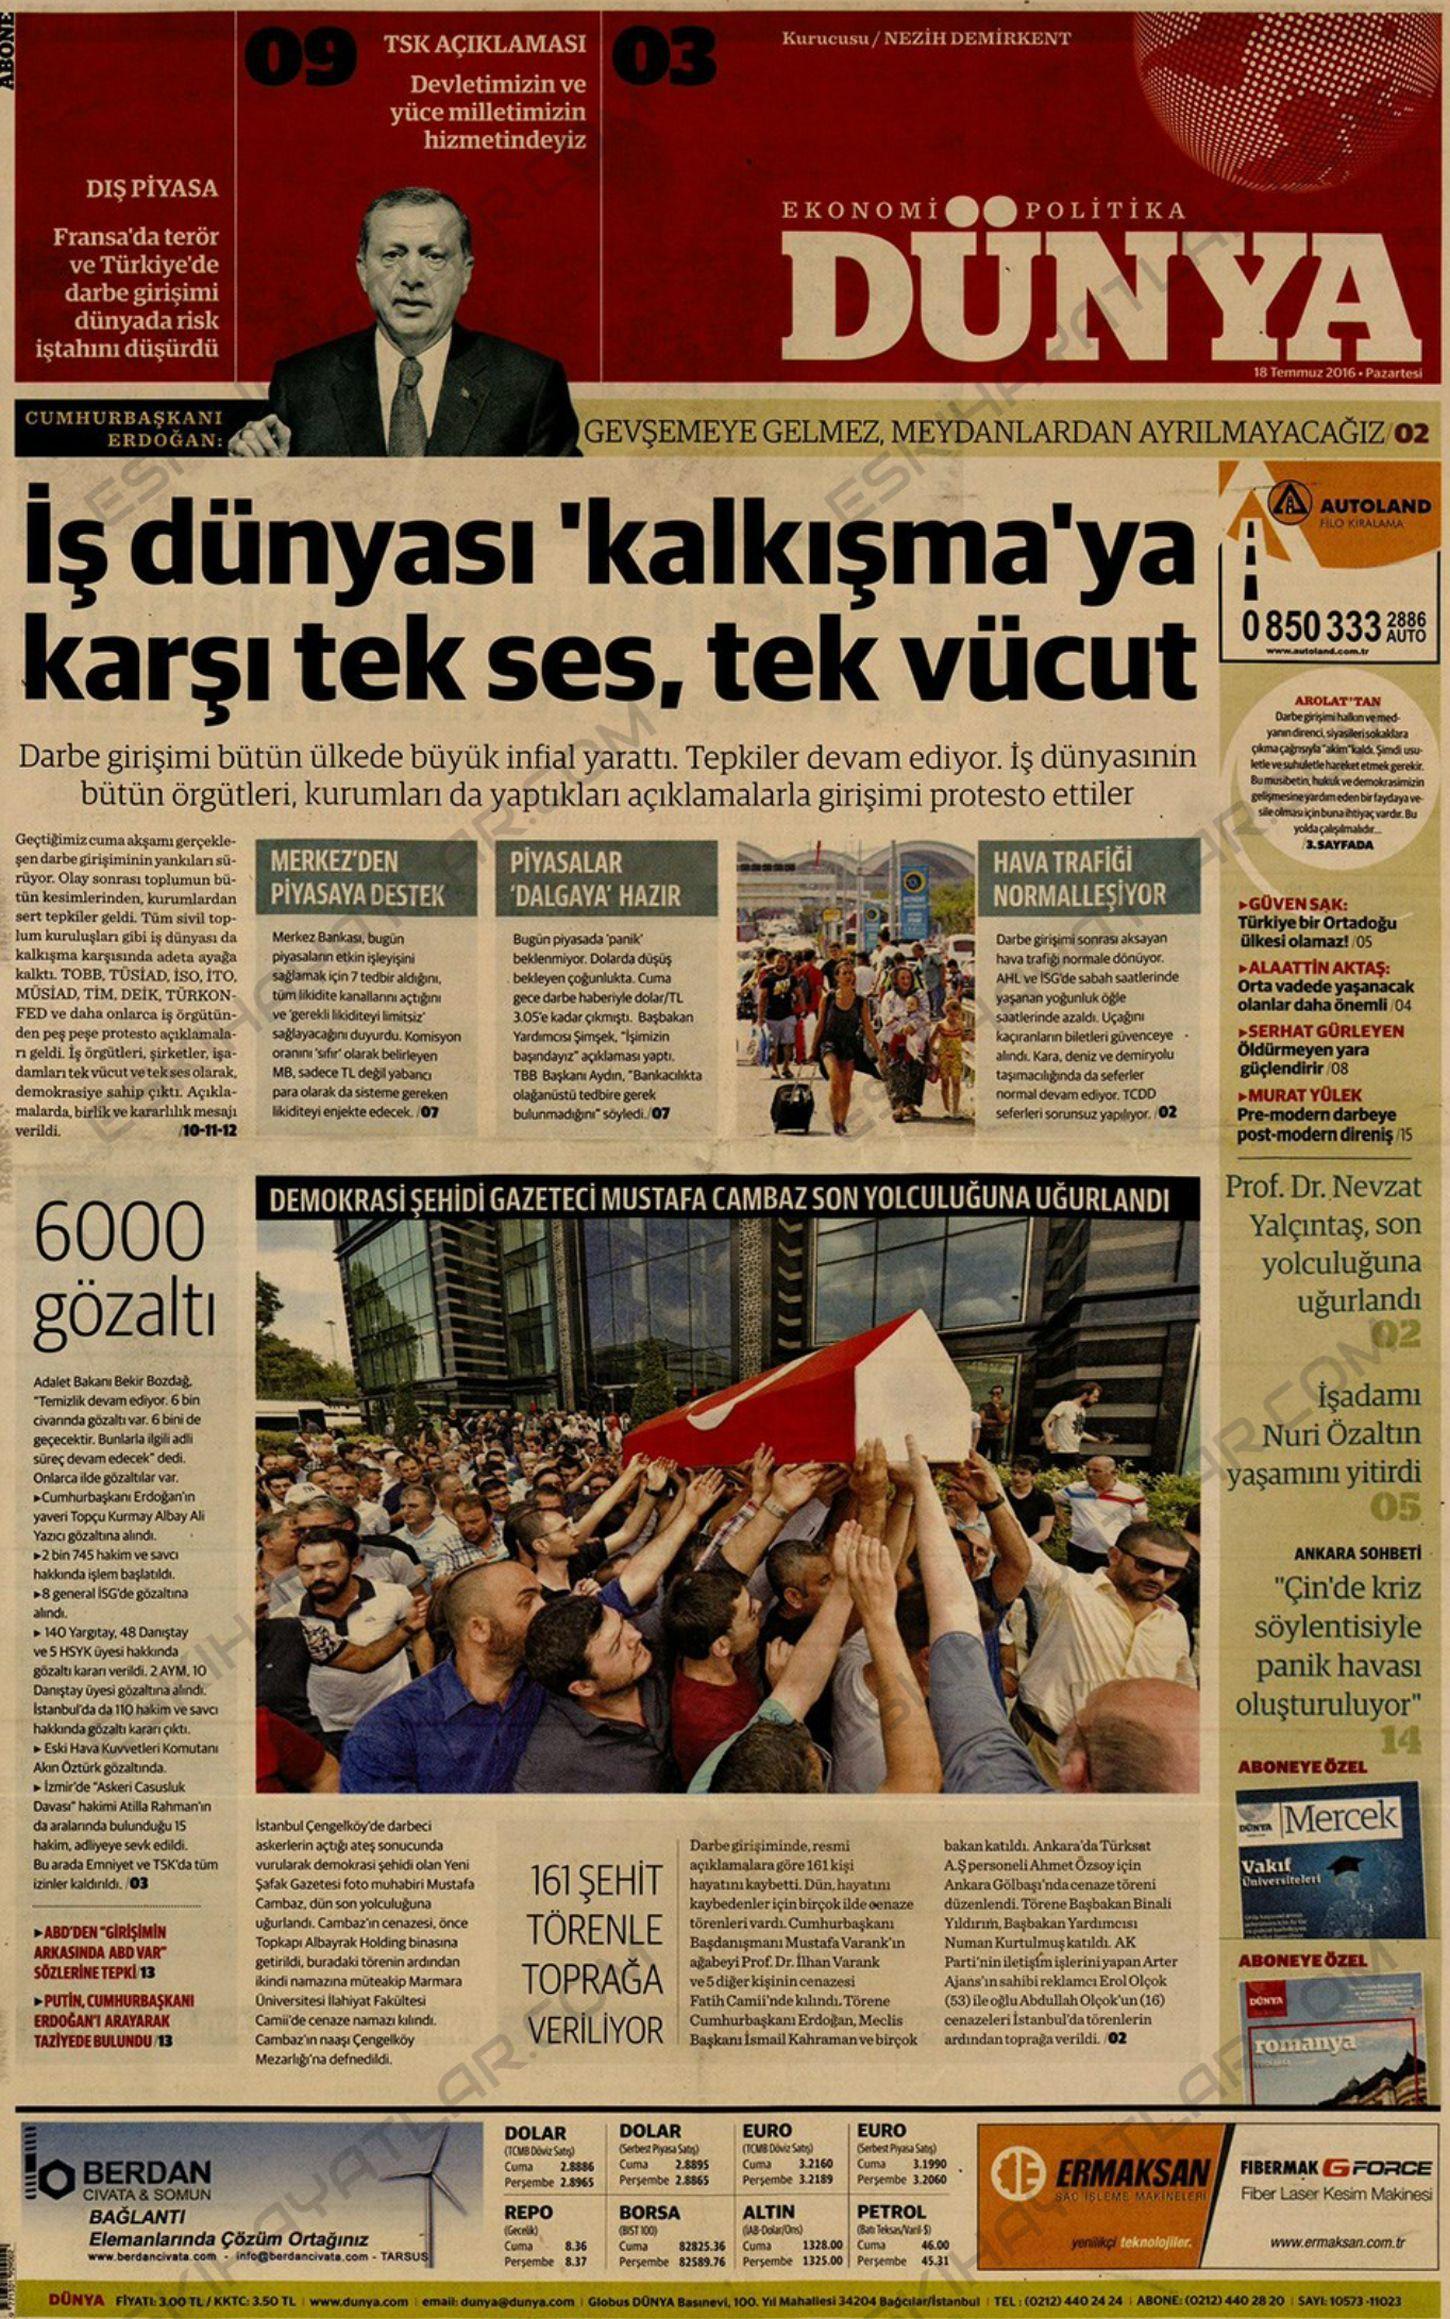 15-temmuz-2016-darbe-tesebbusu-gazete-arsivleri (dunya)